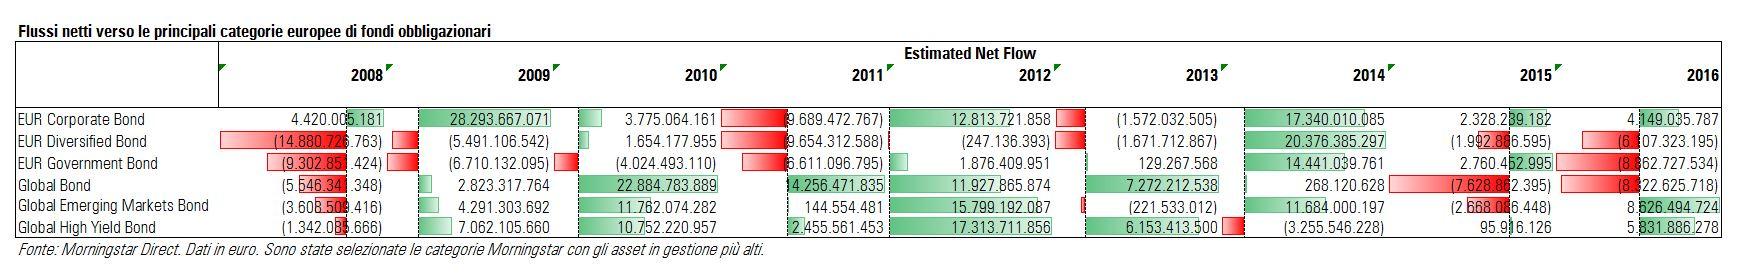 Flussi netti verso le principali categorie obbligazionarie dal 2008